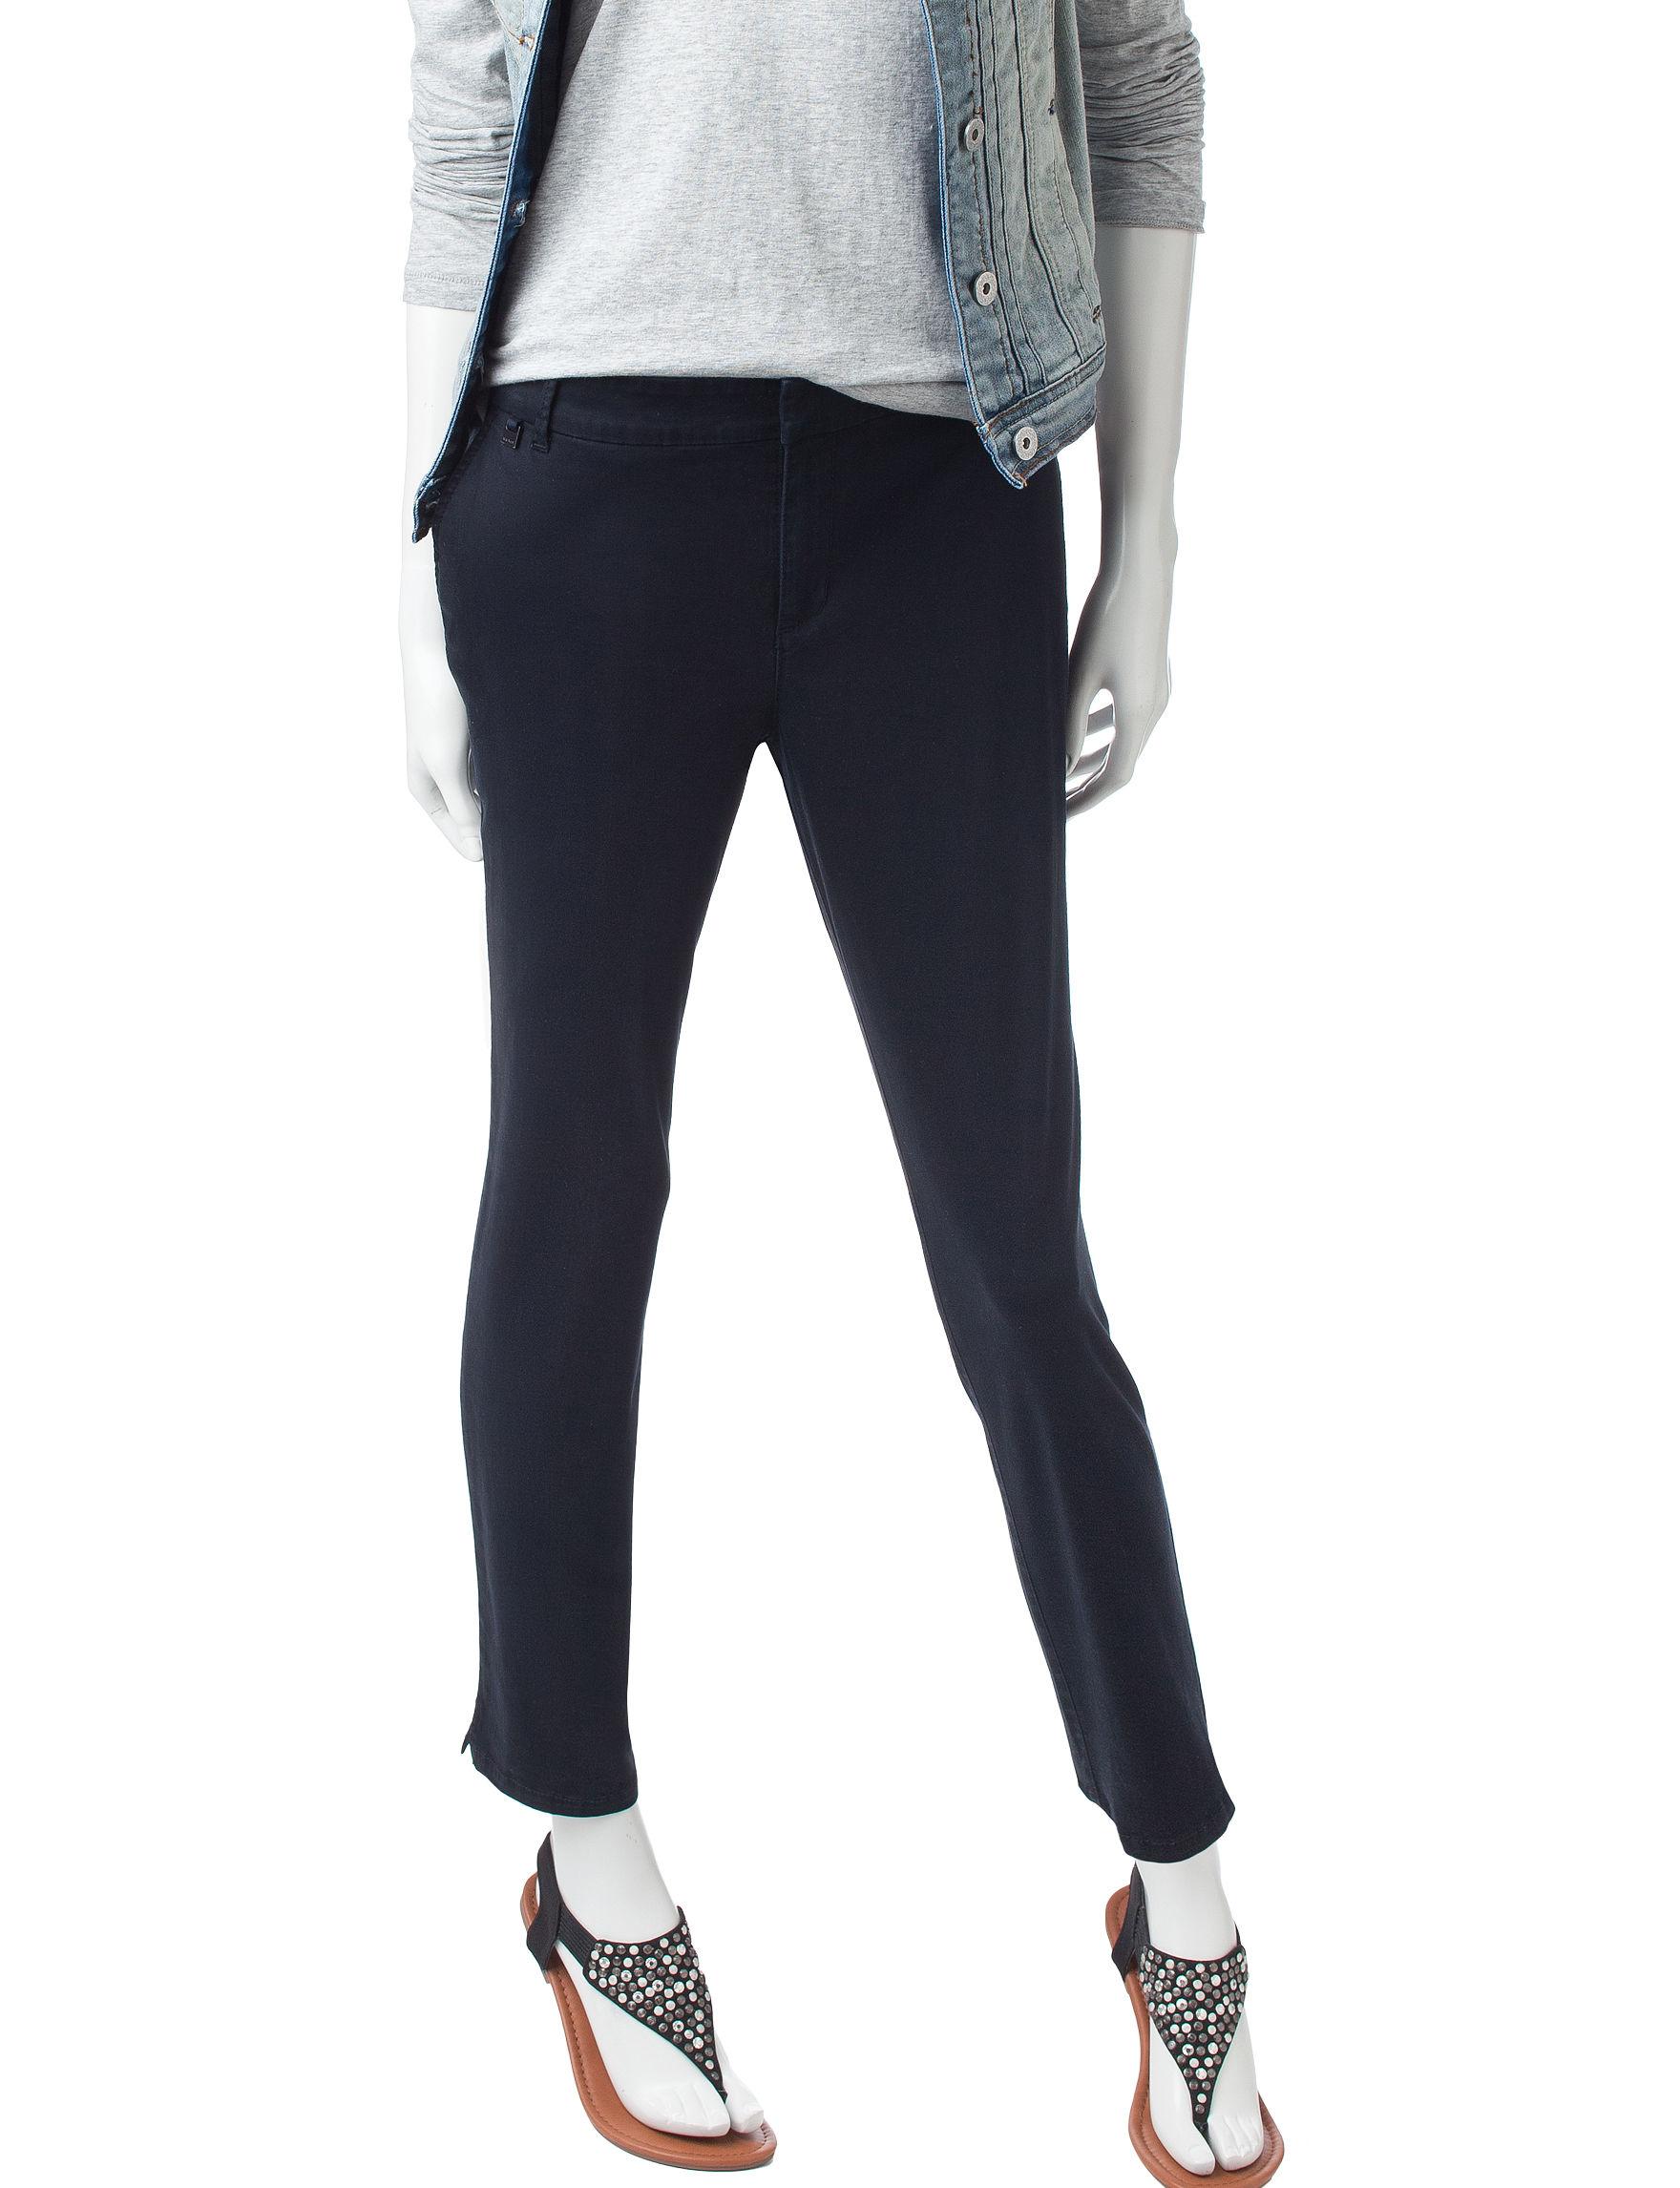 Nine West Jeans Black Capris & Crops